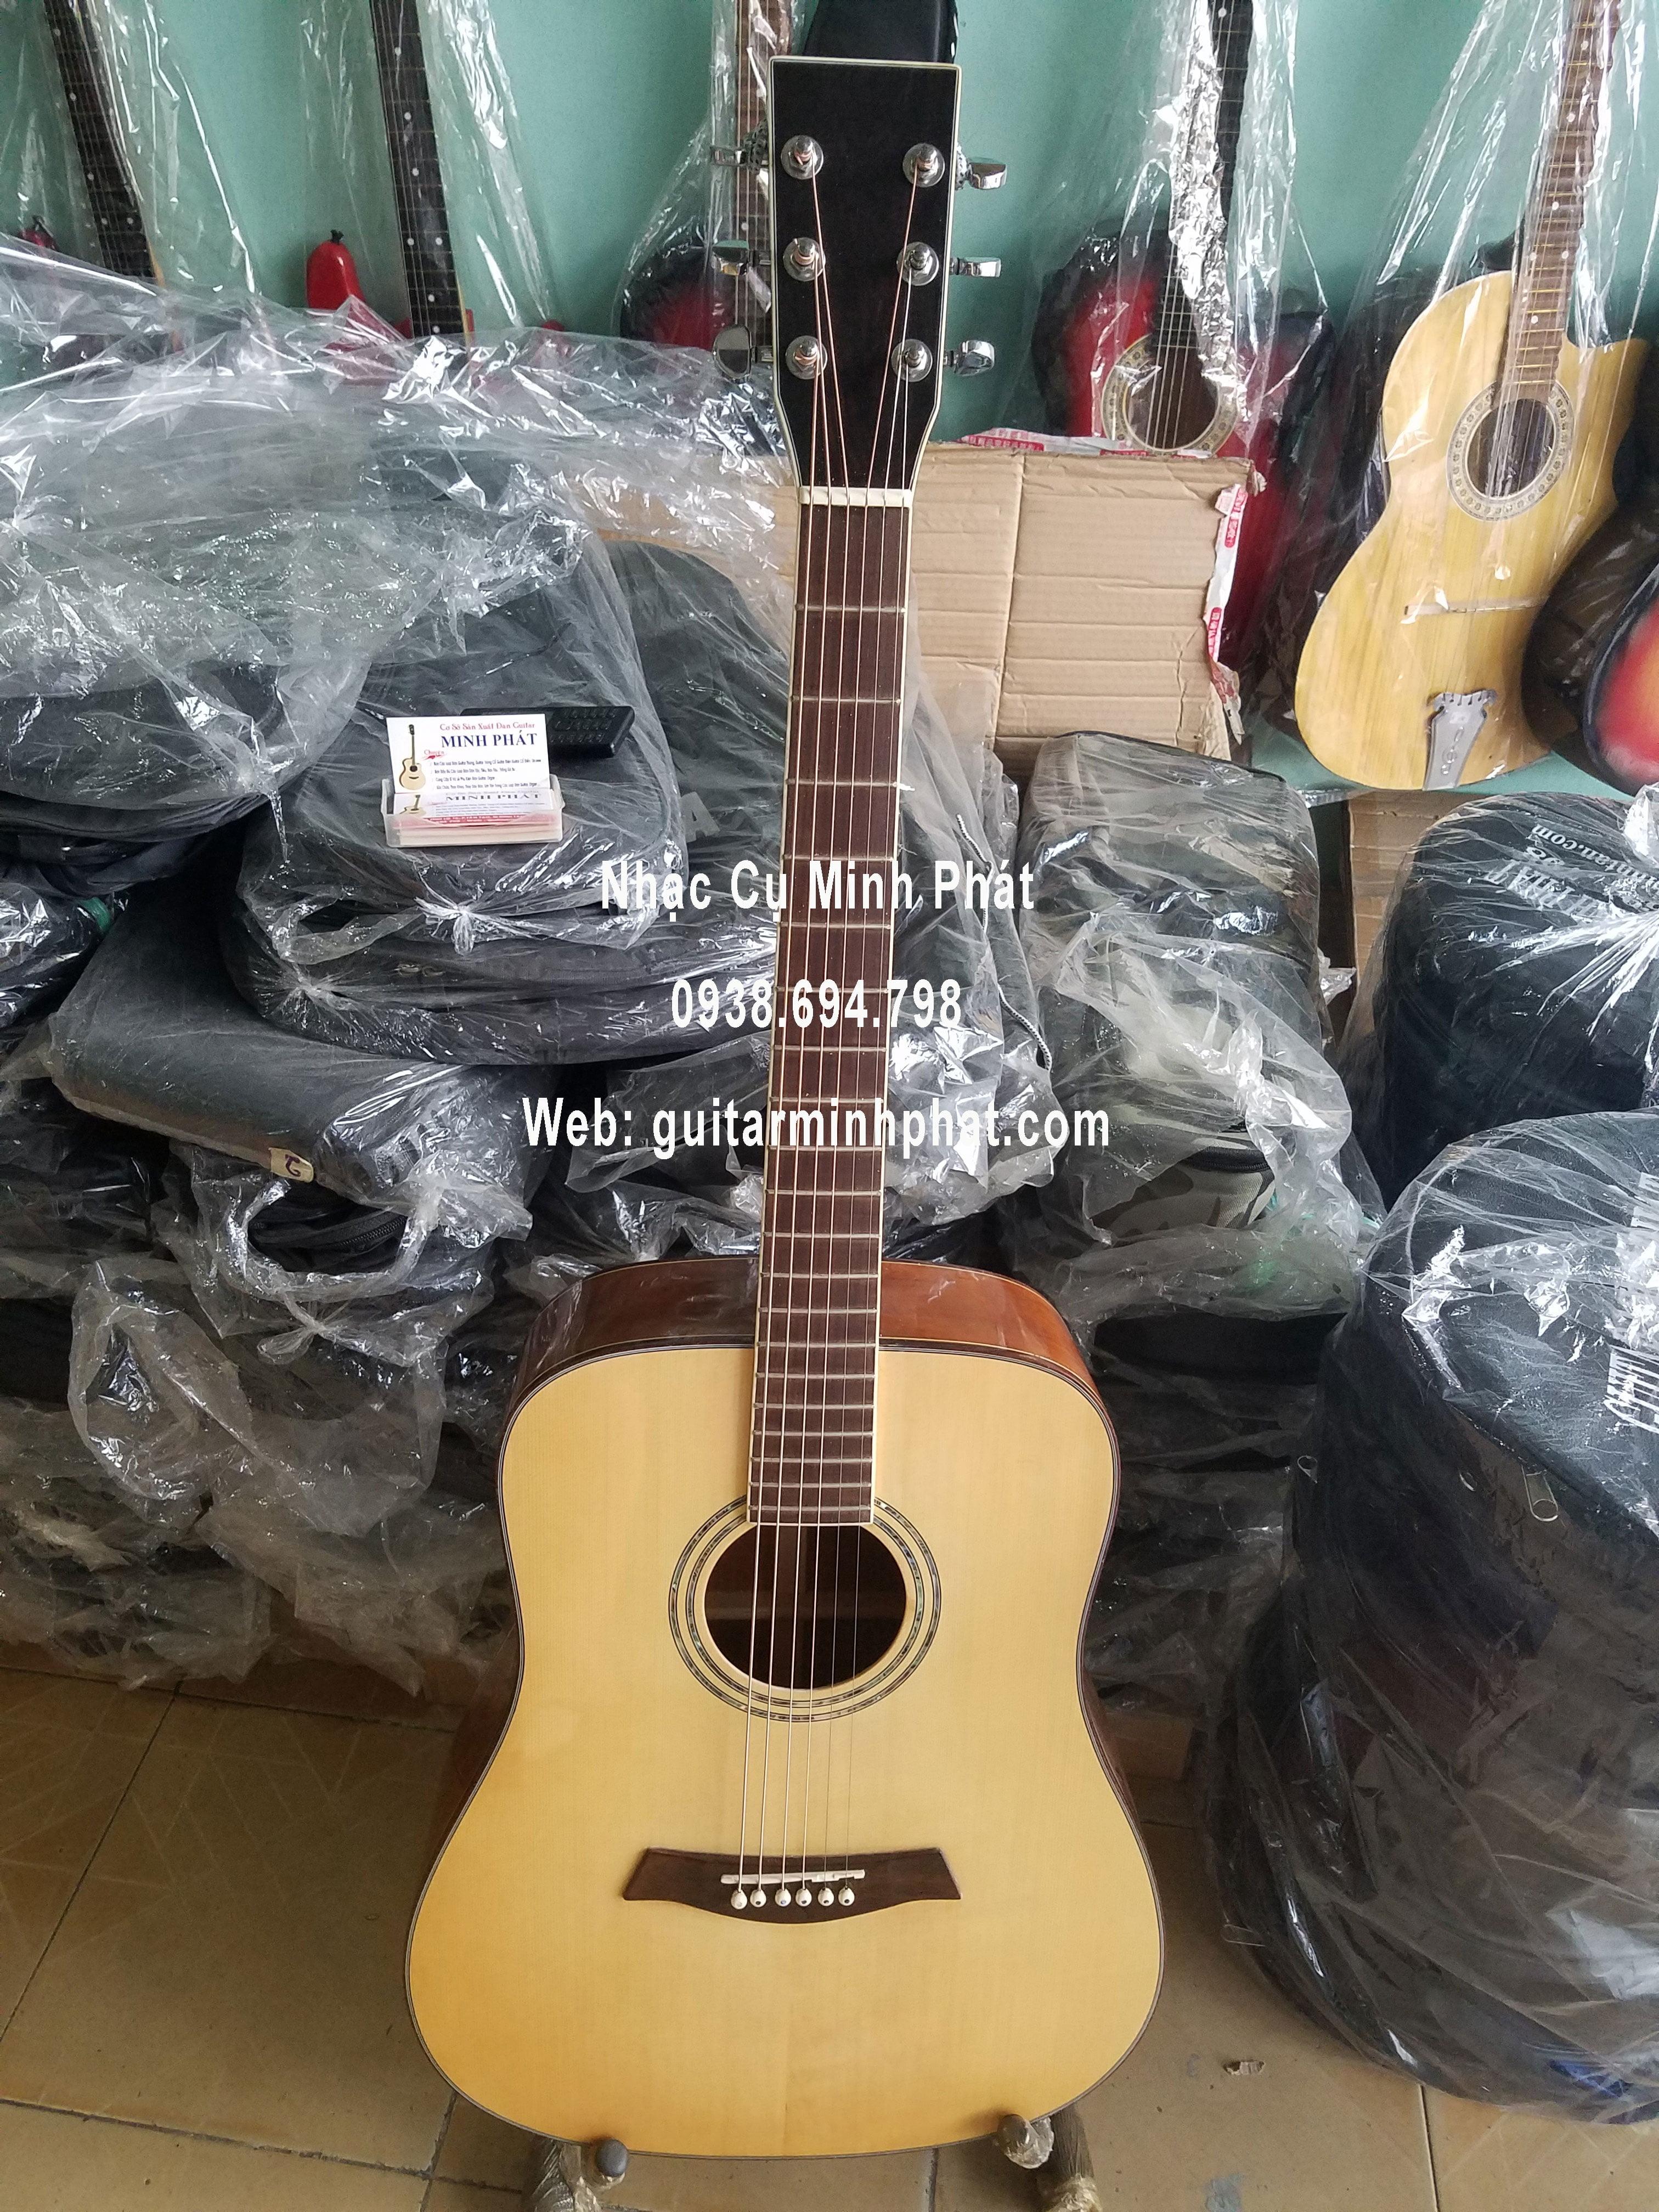 Bán đàn guitar giá rẻ quận bình tân bình chánh tân phú quận 6 chỉ 390k- guitarbinhtan.com - 1